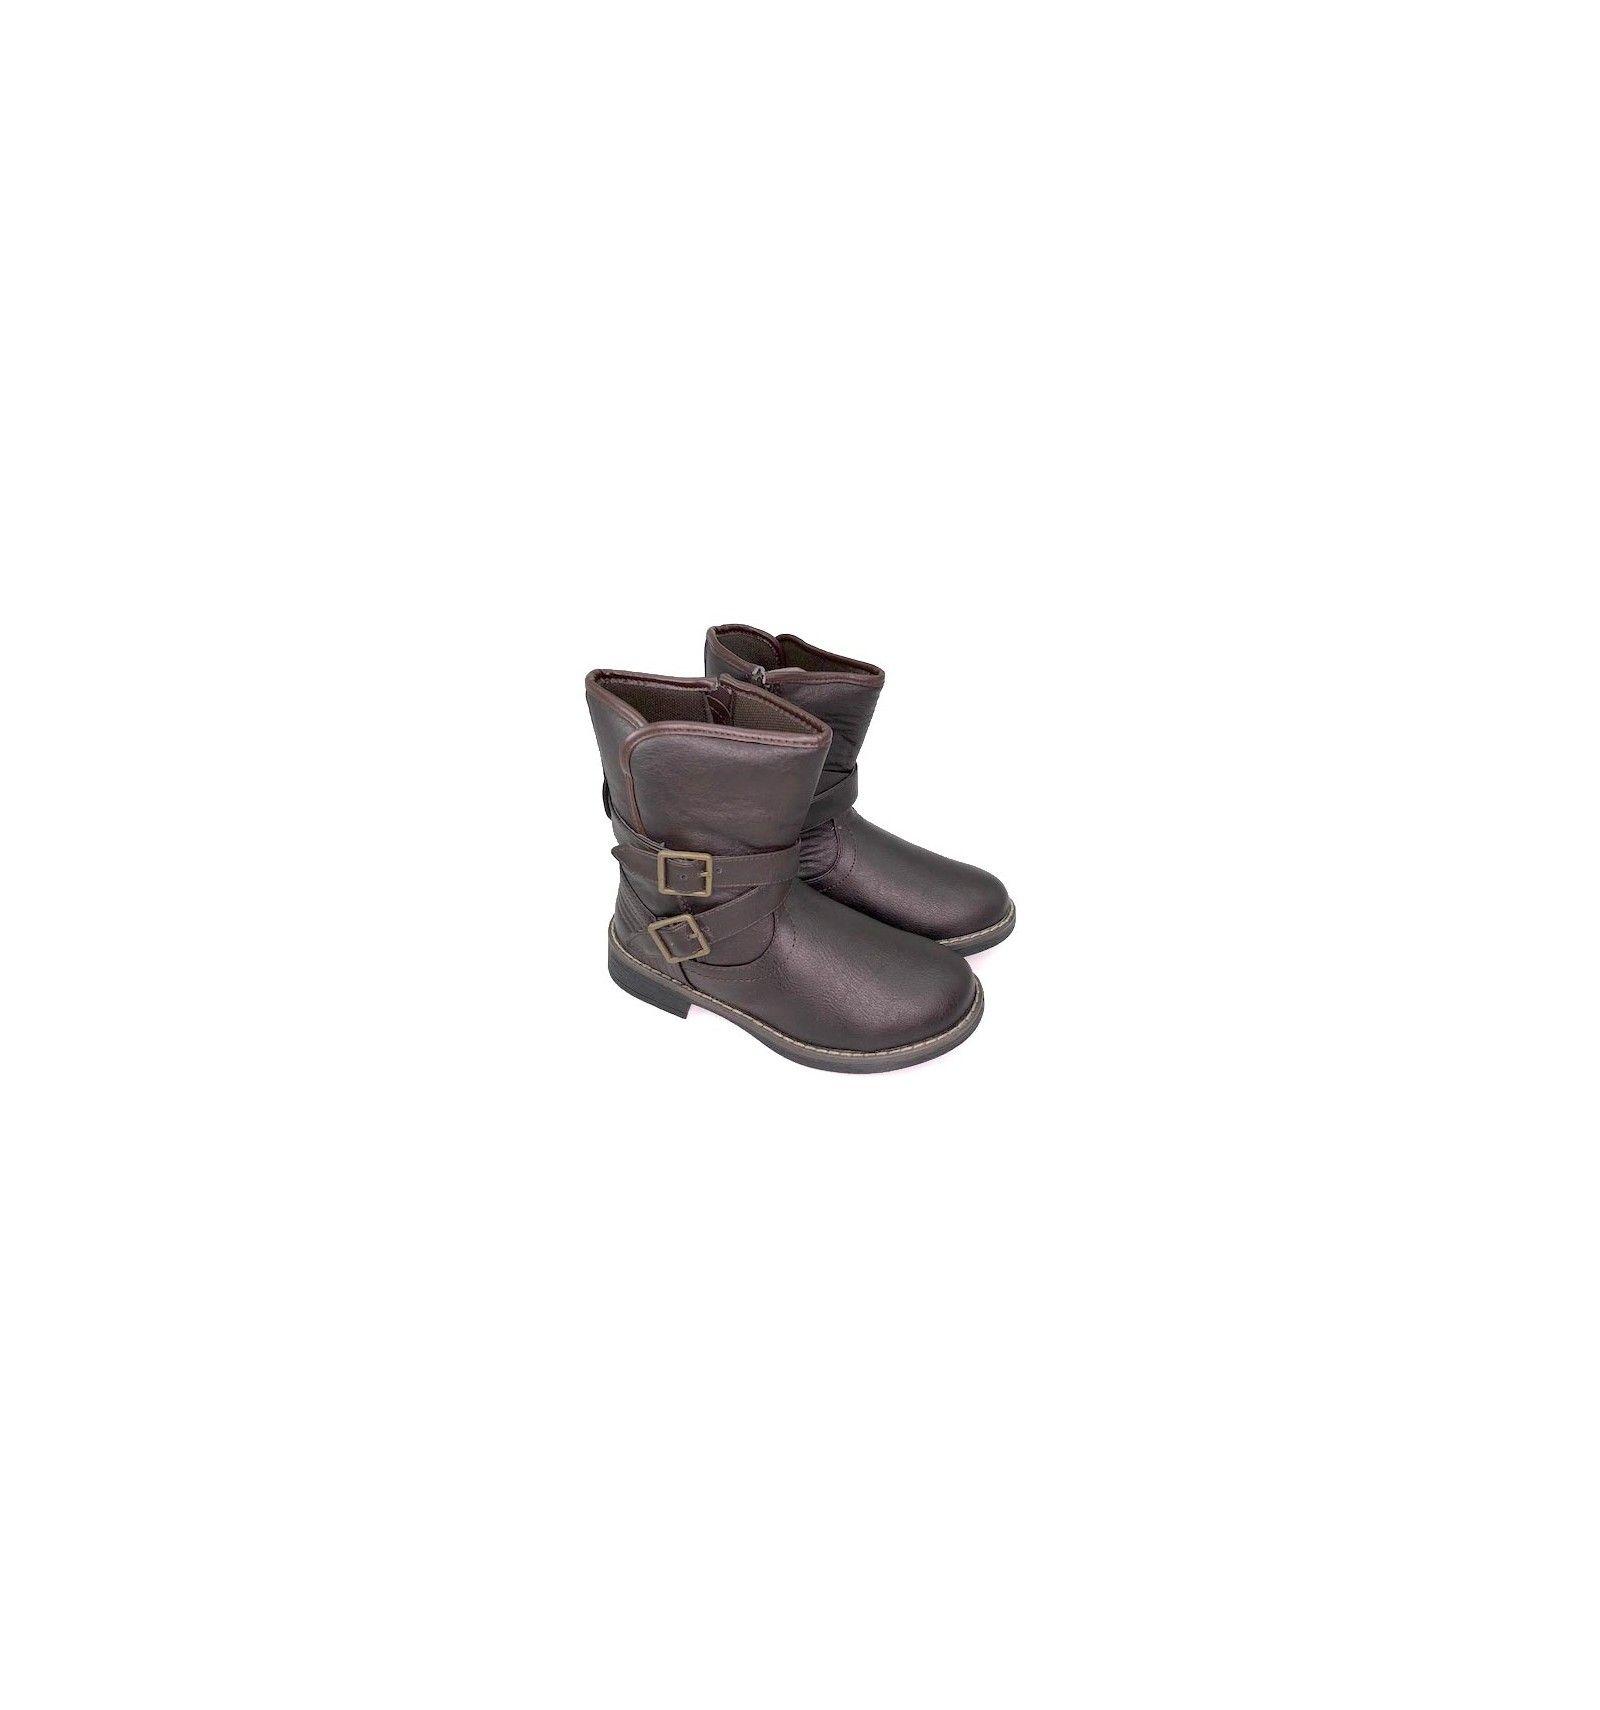 295004d3db0 Botas niña con hebilla. Botas baratas. Zapatos niña online.